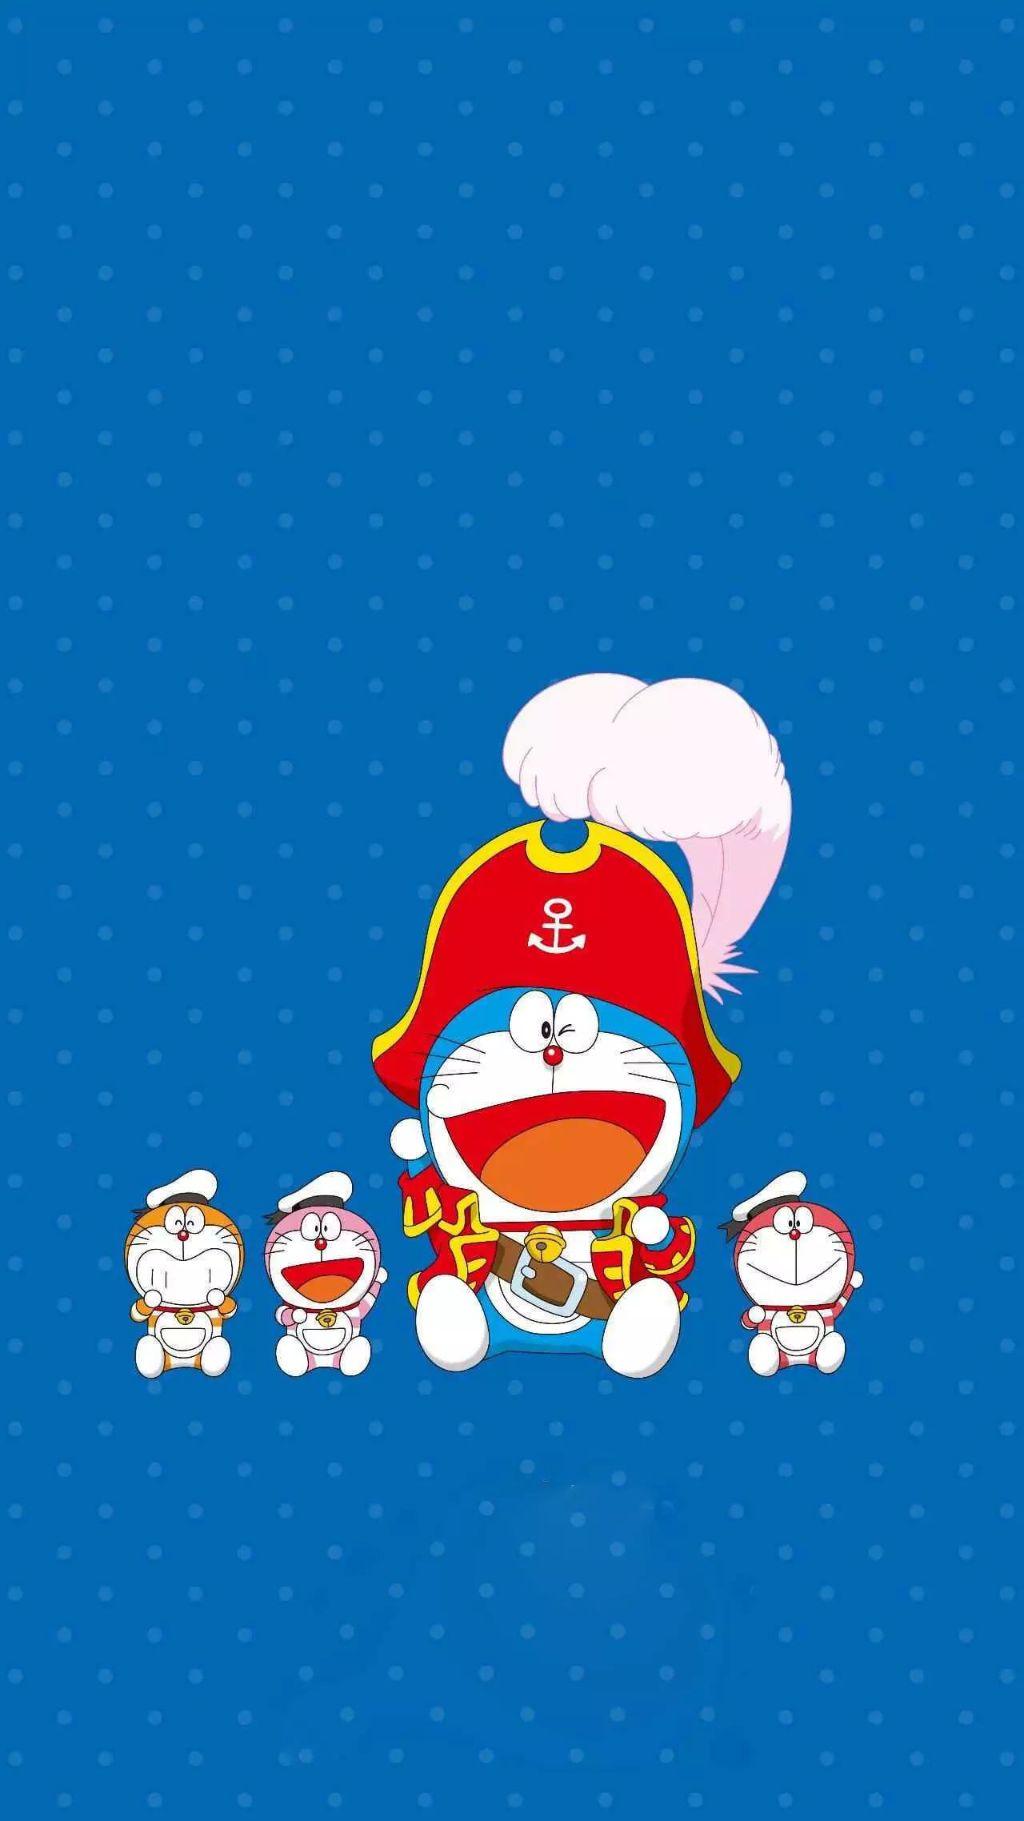 哆啦A梦壁纸:可爱哆啦A梦蓝胖子手机壁纸插图75